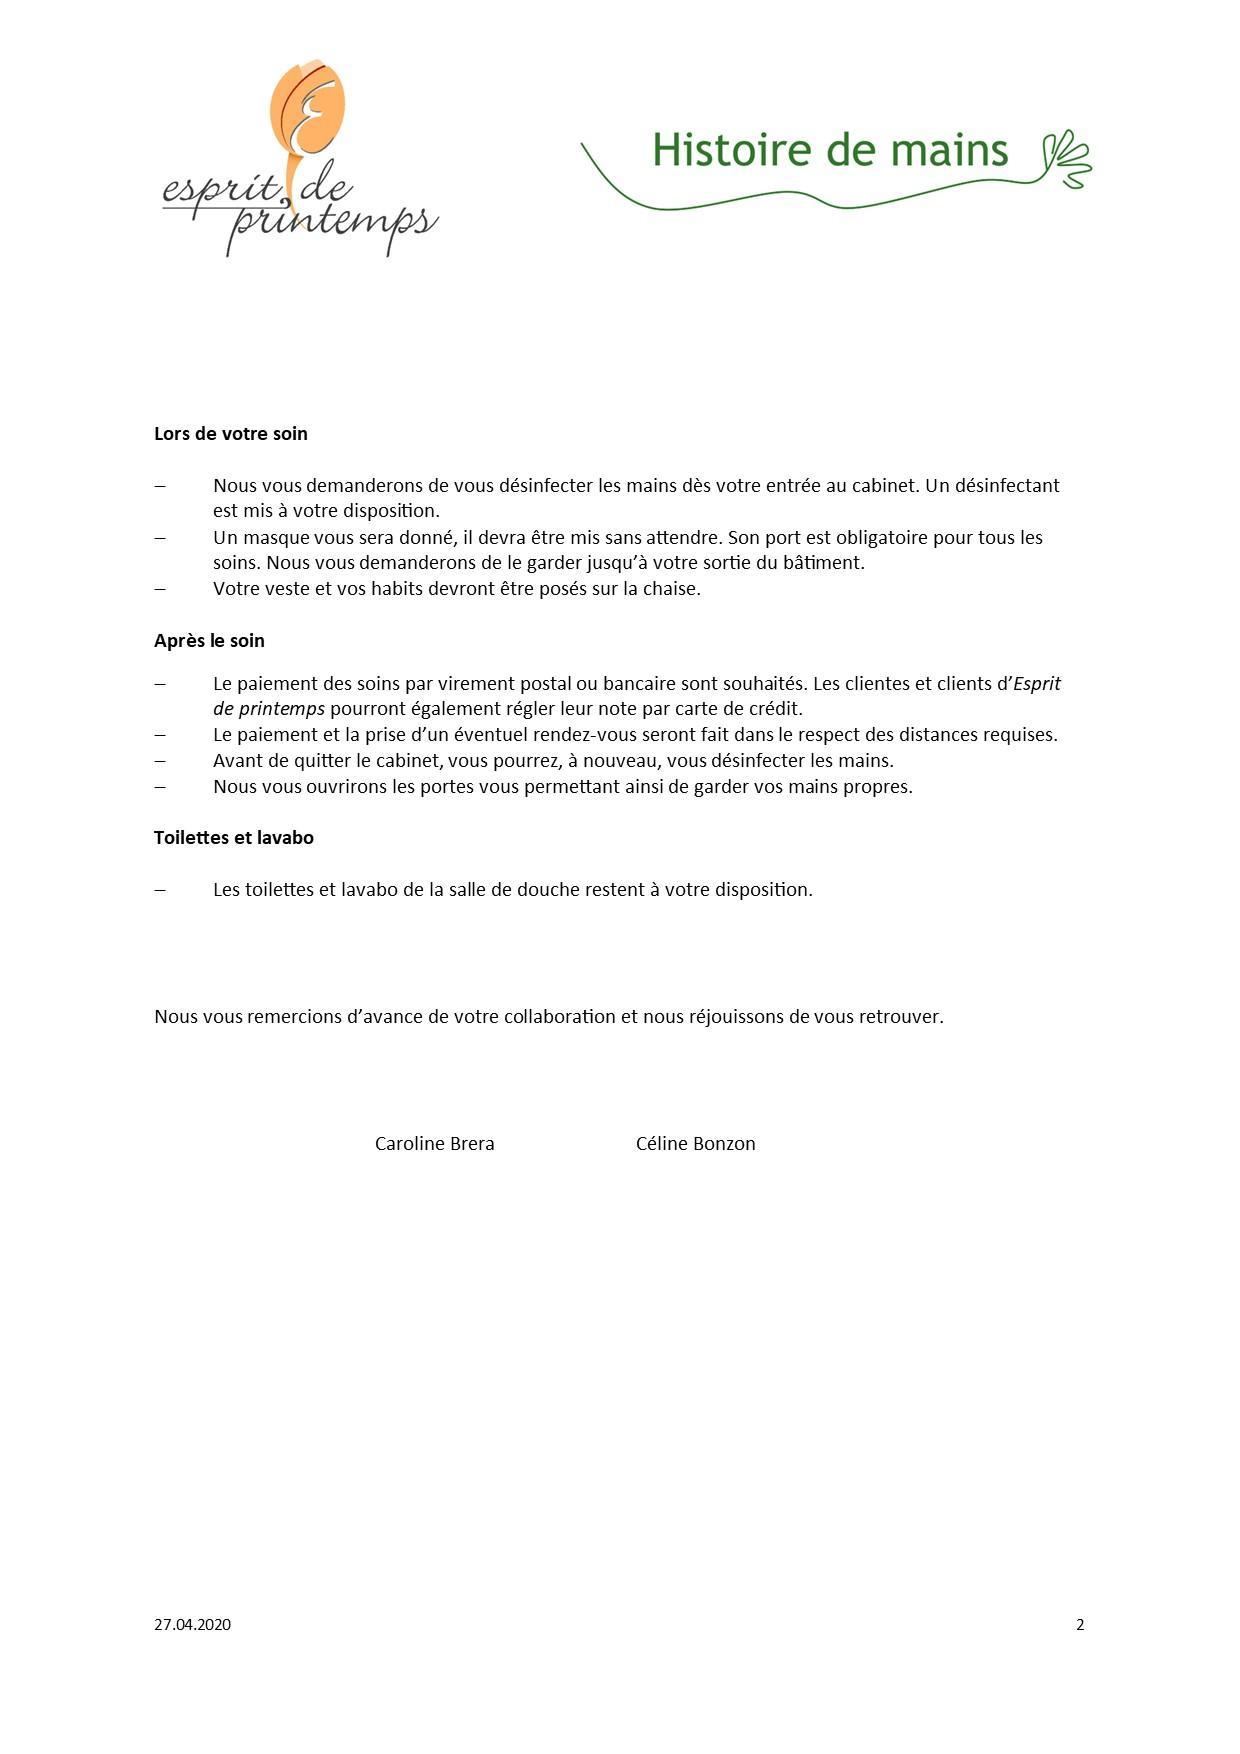 Plan de protection clientele 200426 page2 copie